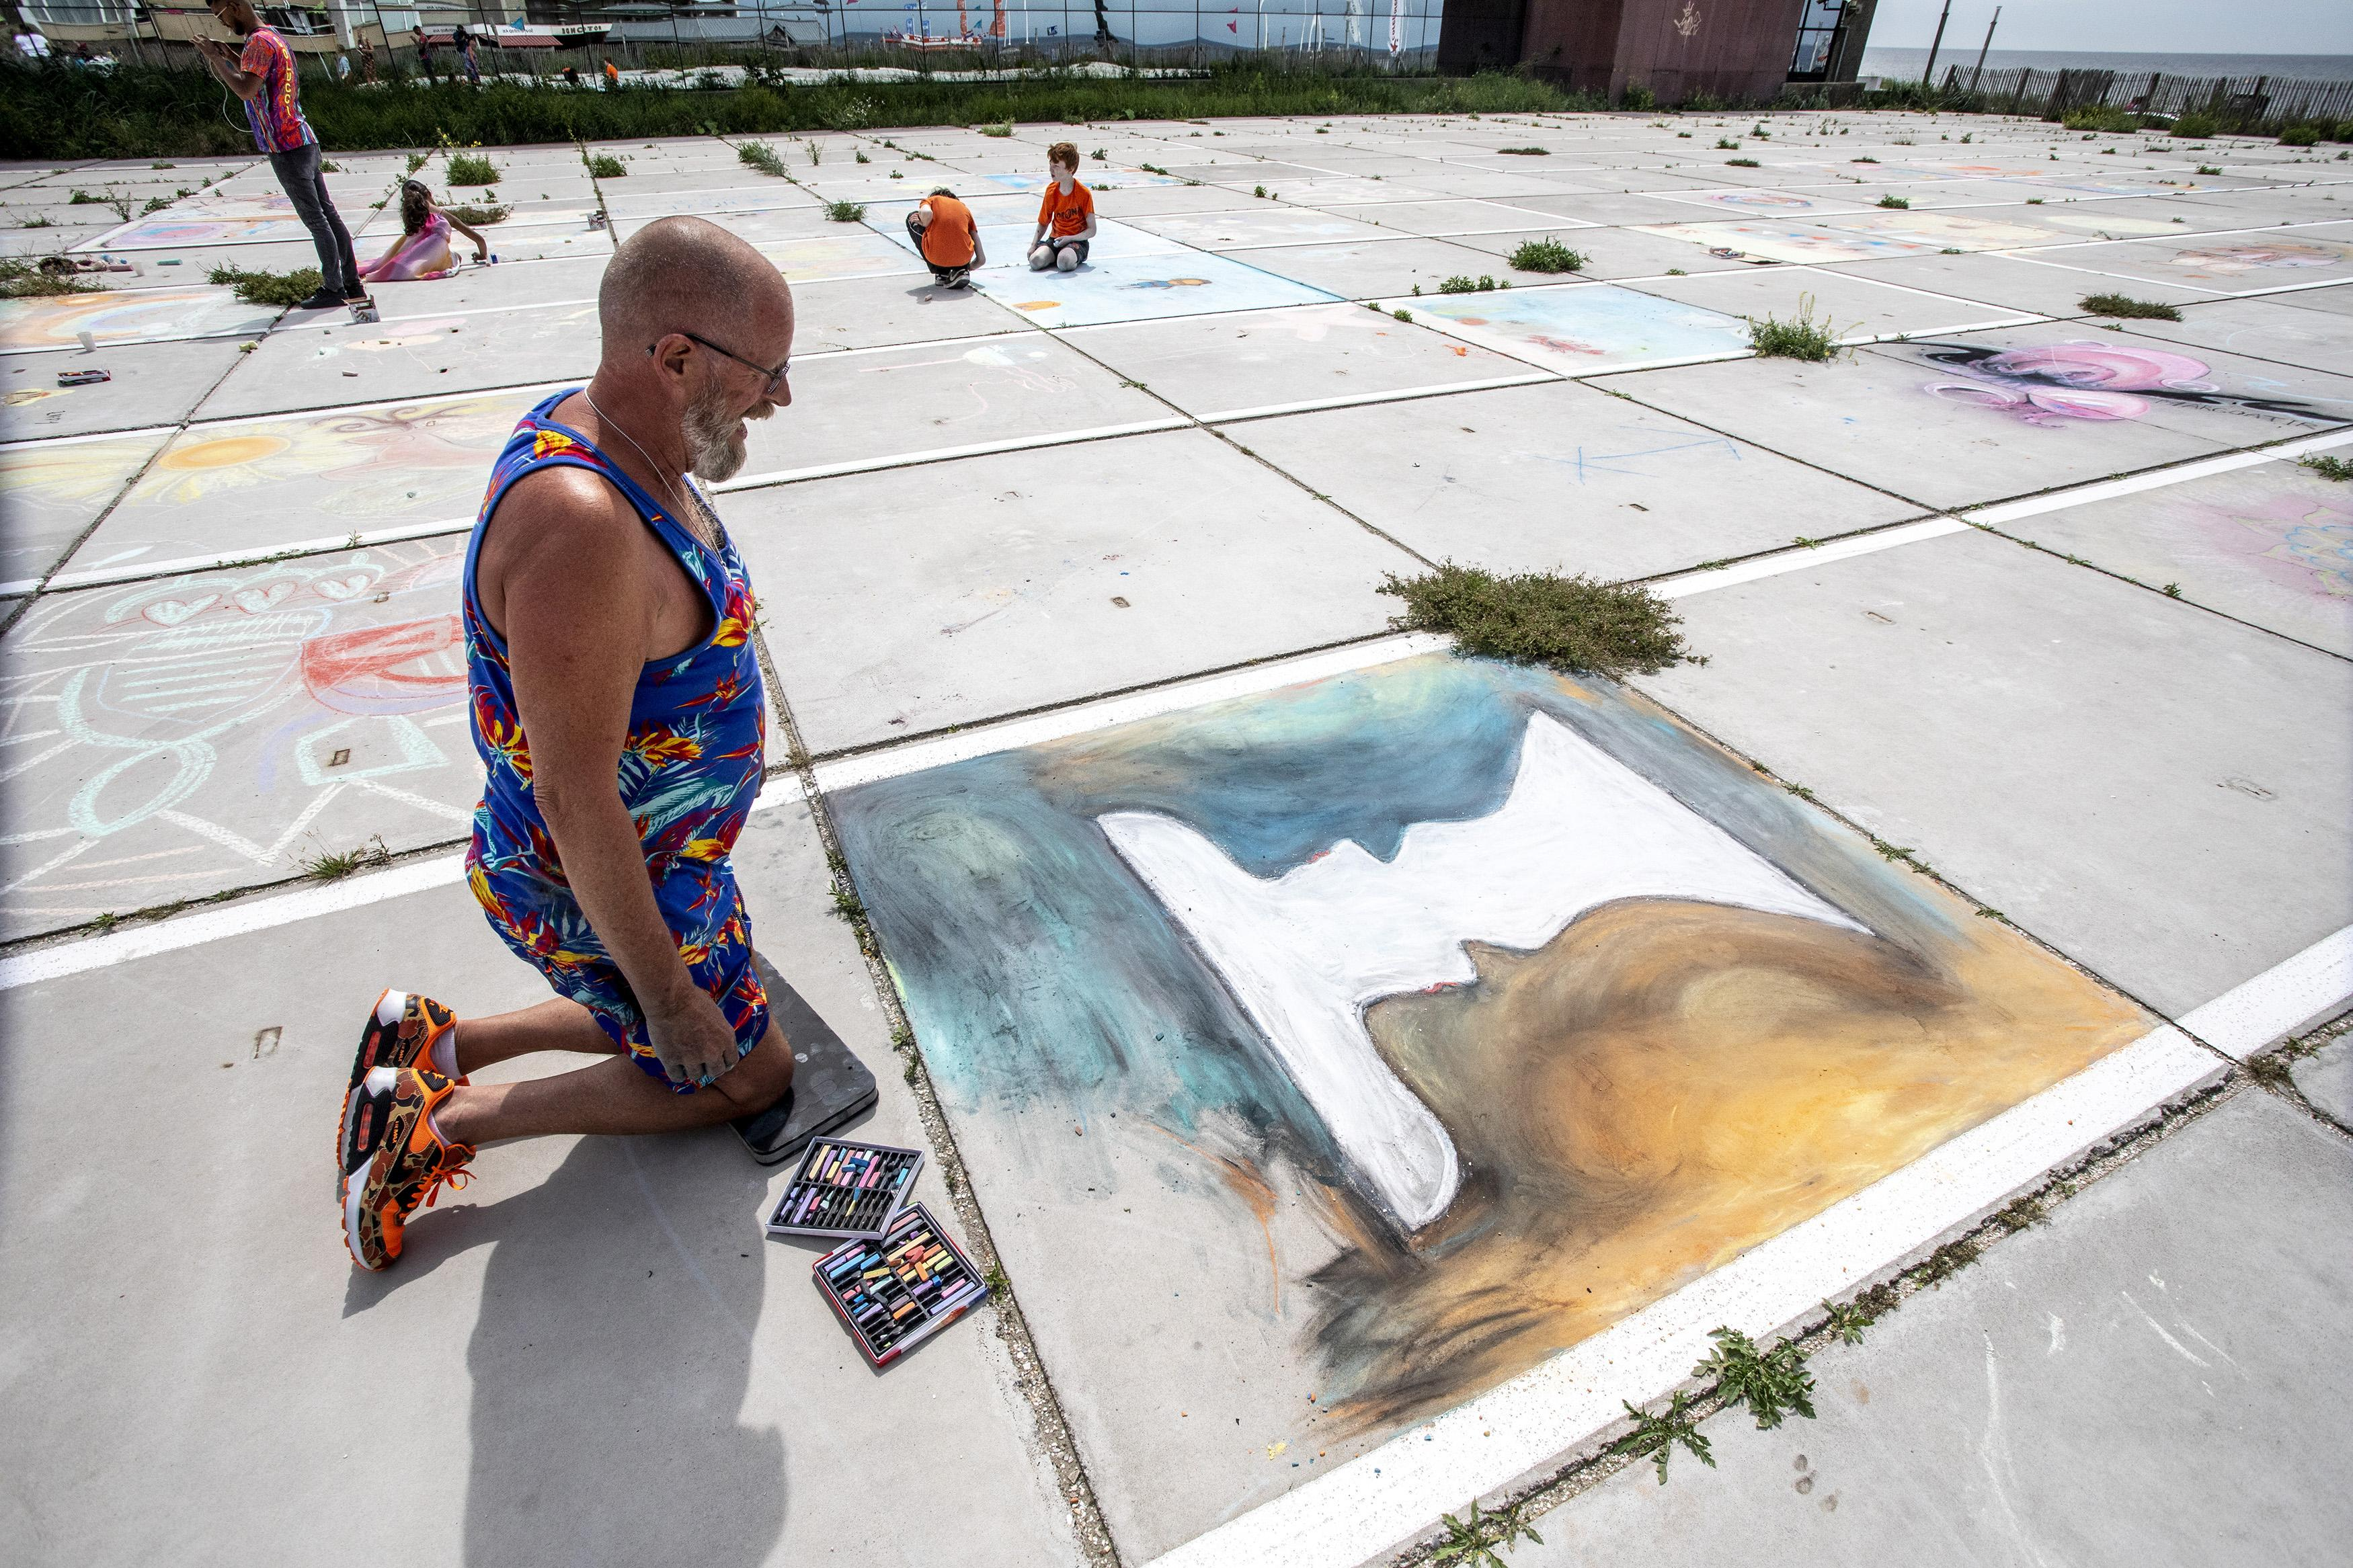 Krijtfestival Zandvoort: Kunstenaars en publiek leven zich uit op betonplaten Badhuisplein